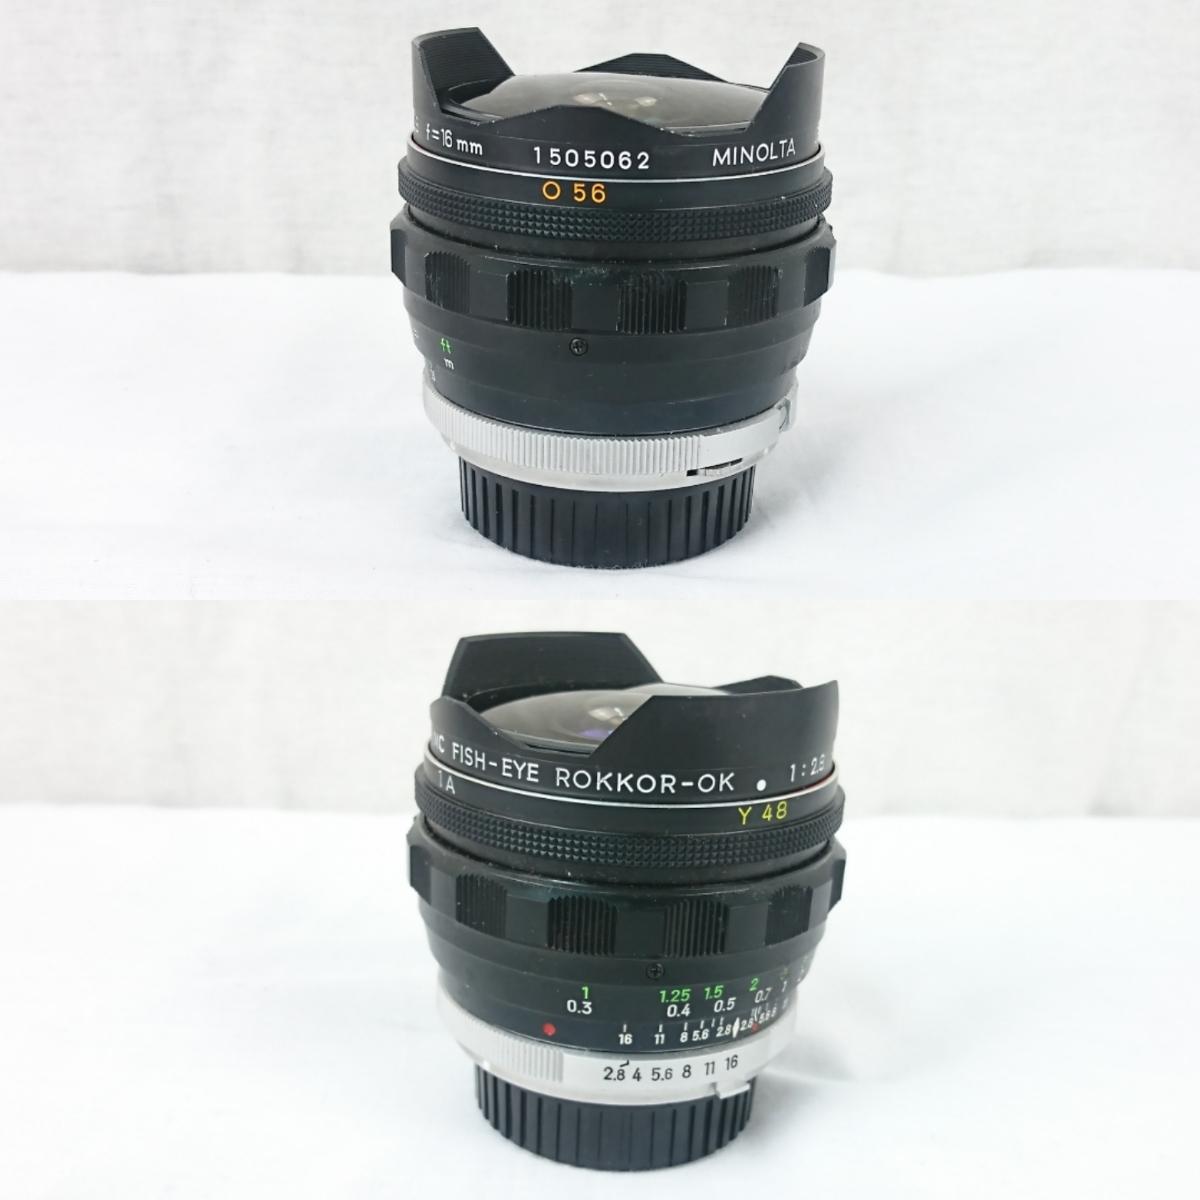 【GK-542】 名機! MINOLTA ミノルタ X-1 一眼レフ フィルムカメラ MC TELE ROKKOR-PF 1:2.8 f=135mm/ MC FISH-EYE ROKKOR-OK 1:2.8 f=16mm _画像7